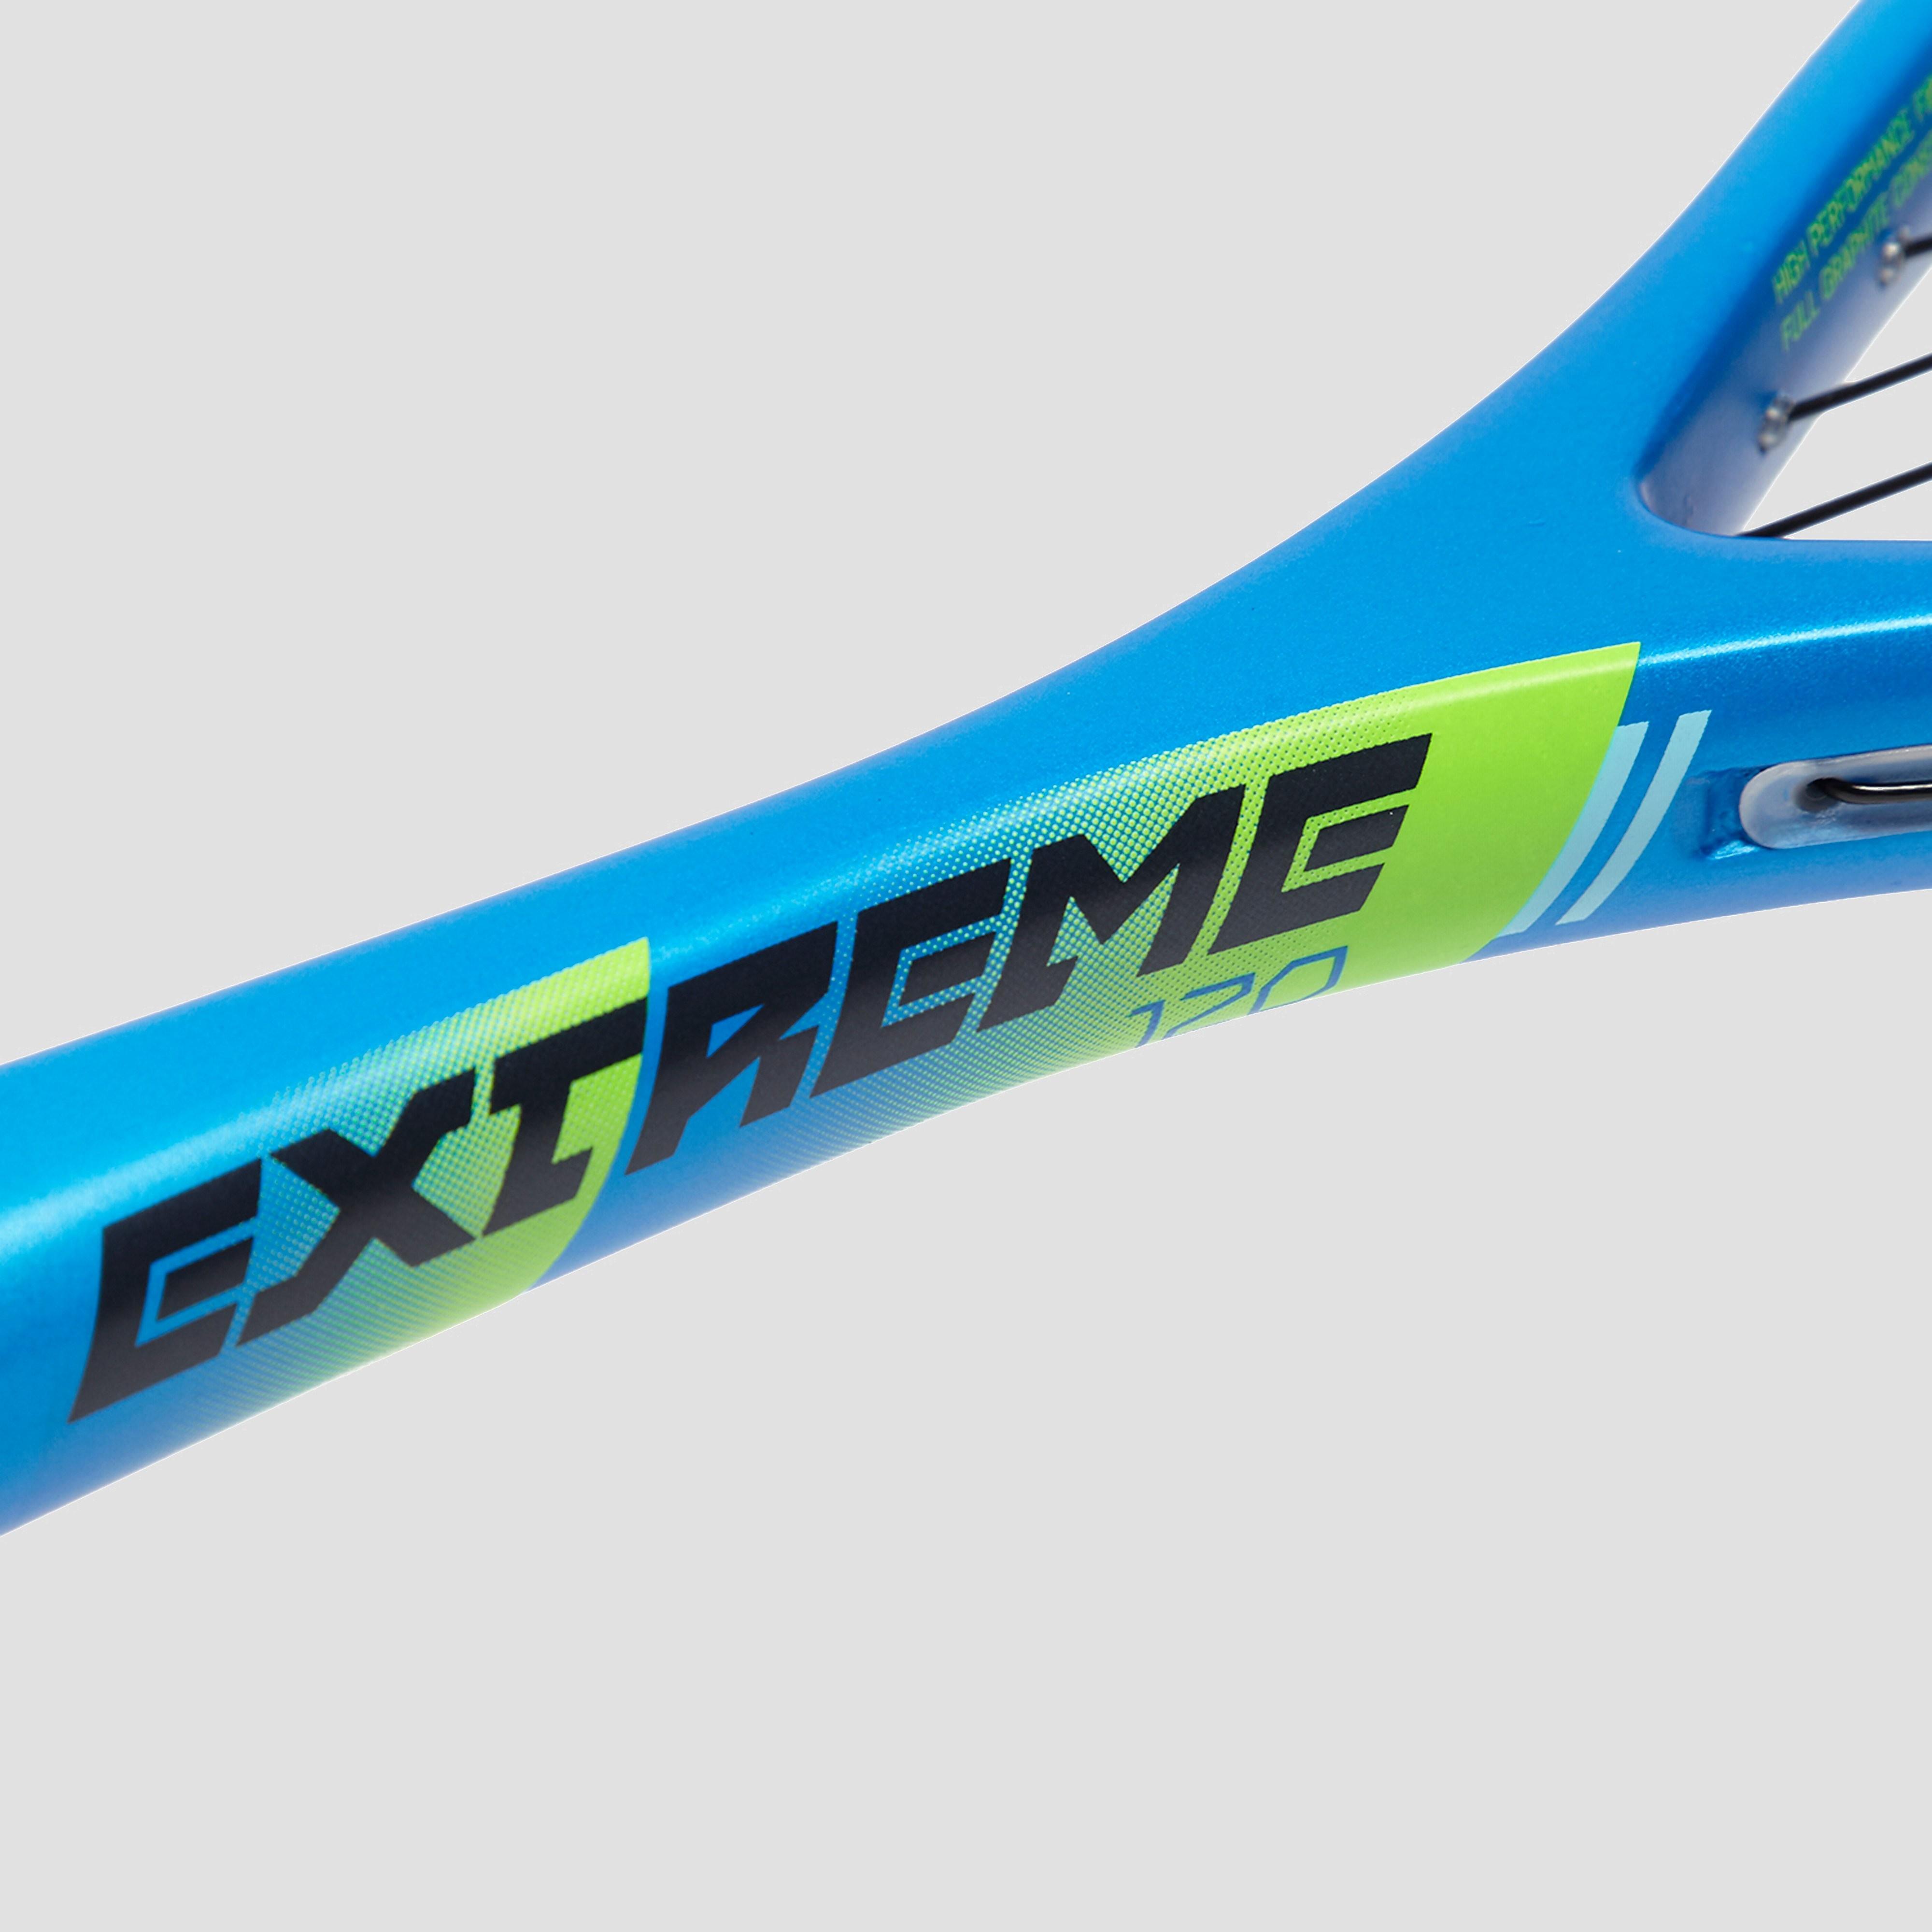 Head Extreme 120 Squash Racket